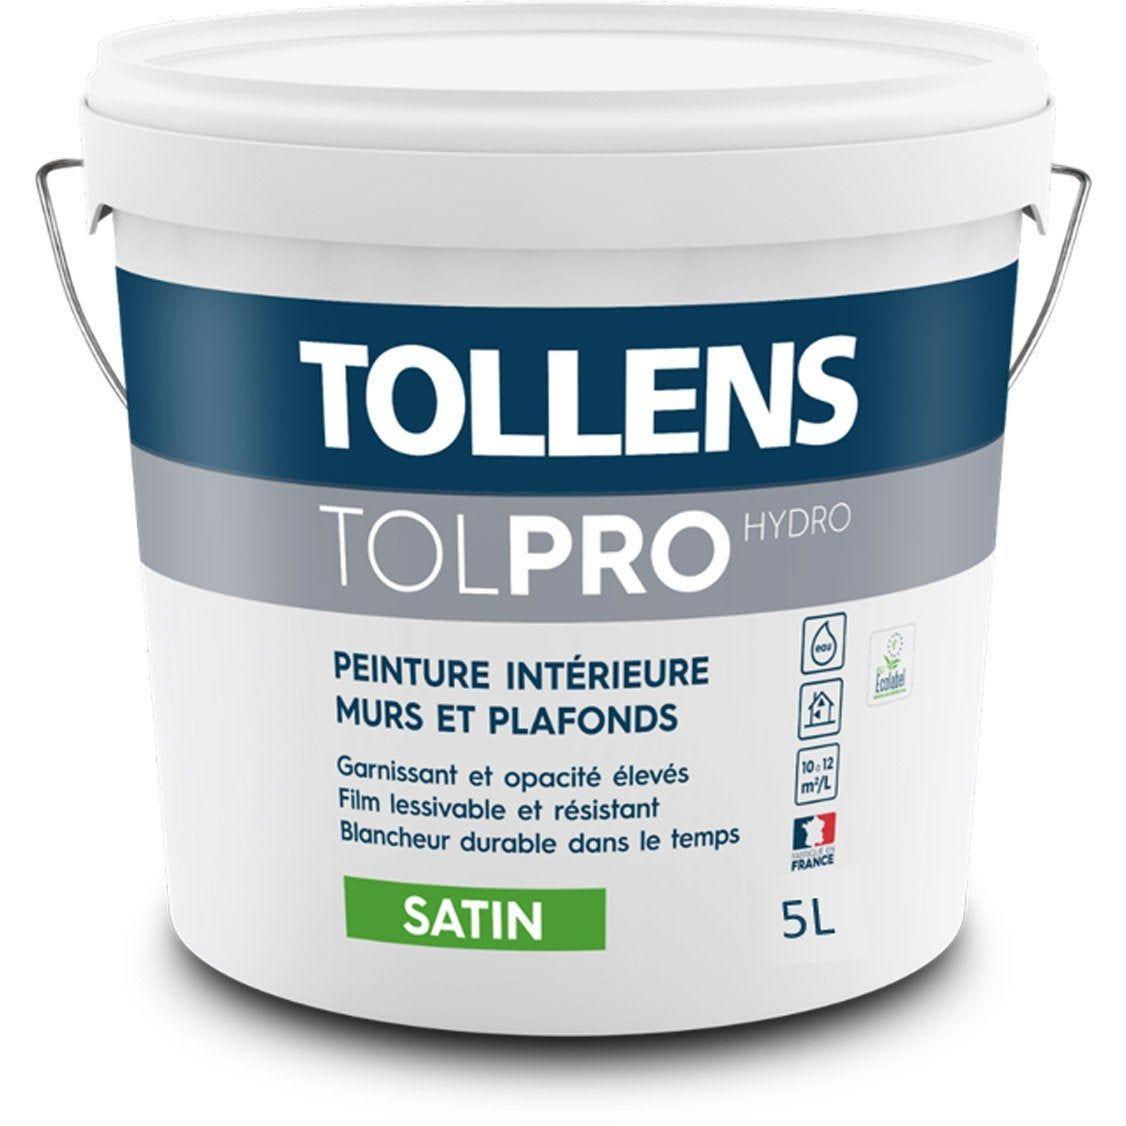 Ou Trouver La Peinture Tollens peinture, blanc, murs et plafonds tolpro hydro tollens